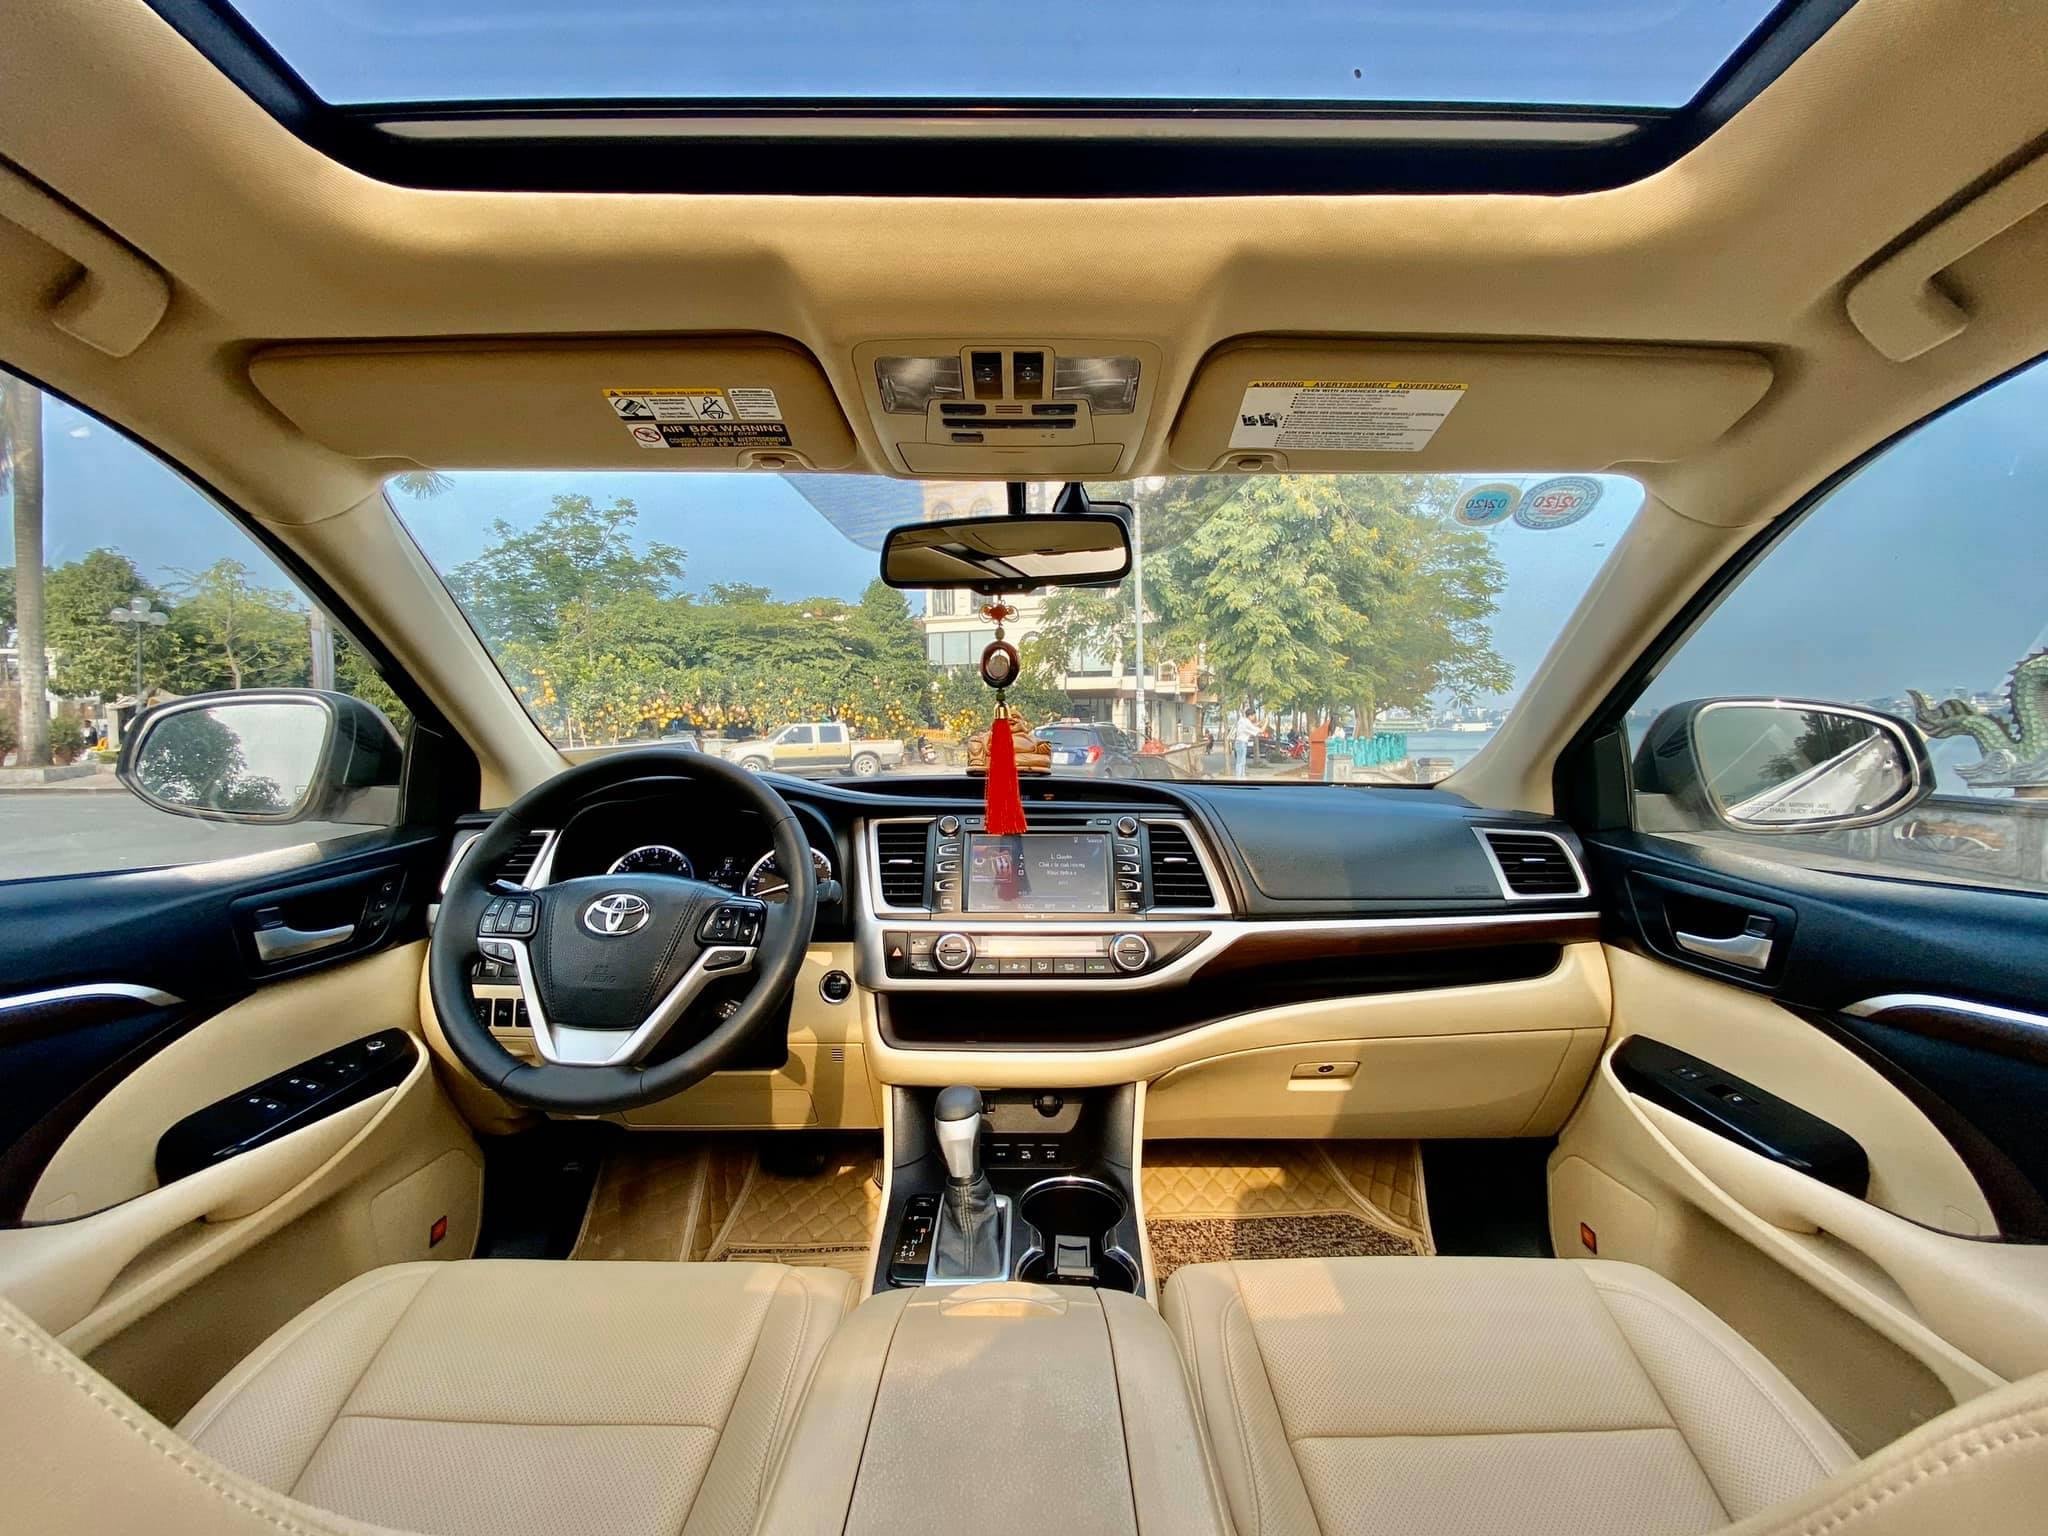 Toyota Highlander Limited 2015, 6 chỗ ngồi hàng hiếm tại Việt Nam - 5